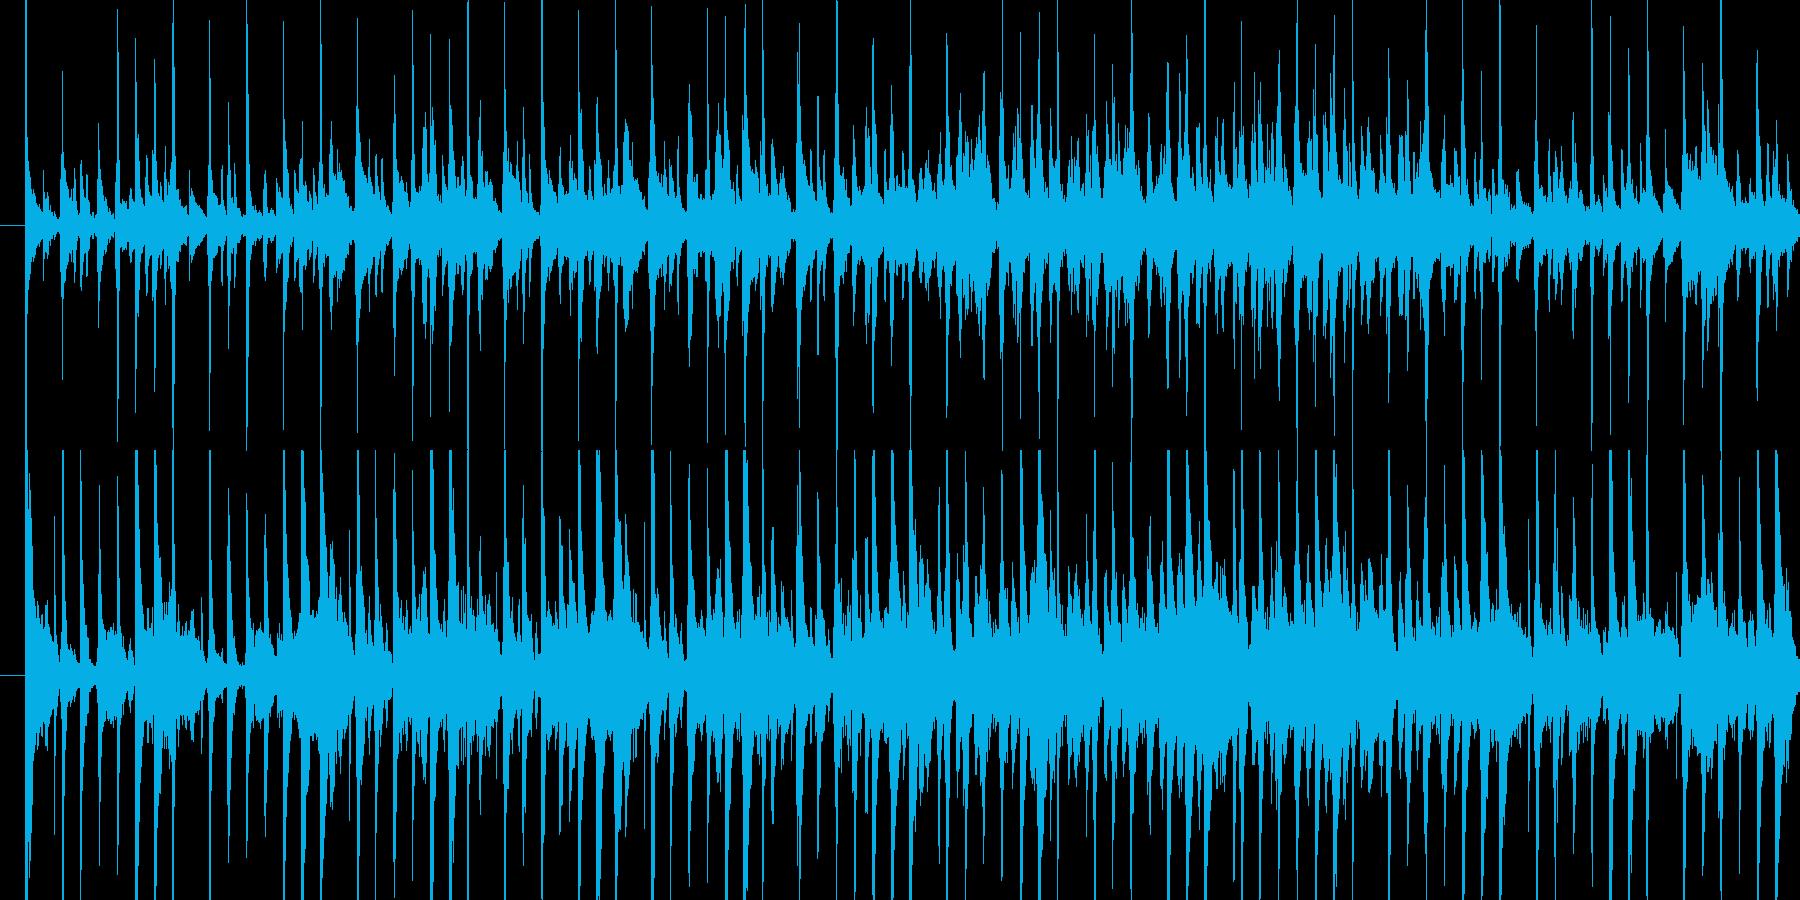 ・ゲームのほのぼのした戦闘曲を想定して…の再生済みの波形